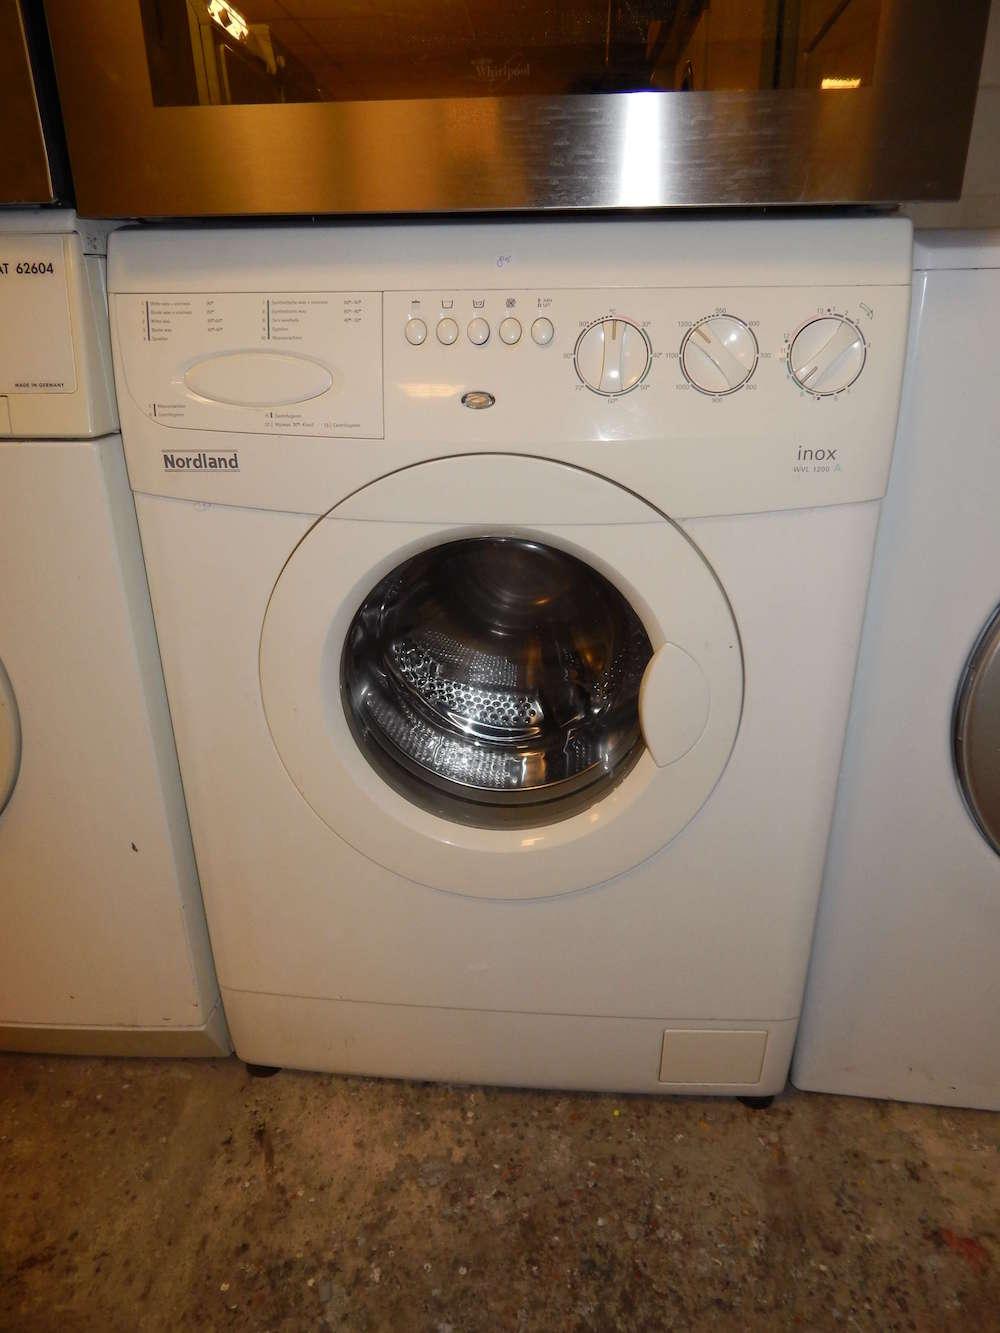 Goedkope Nordland wasmachine